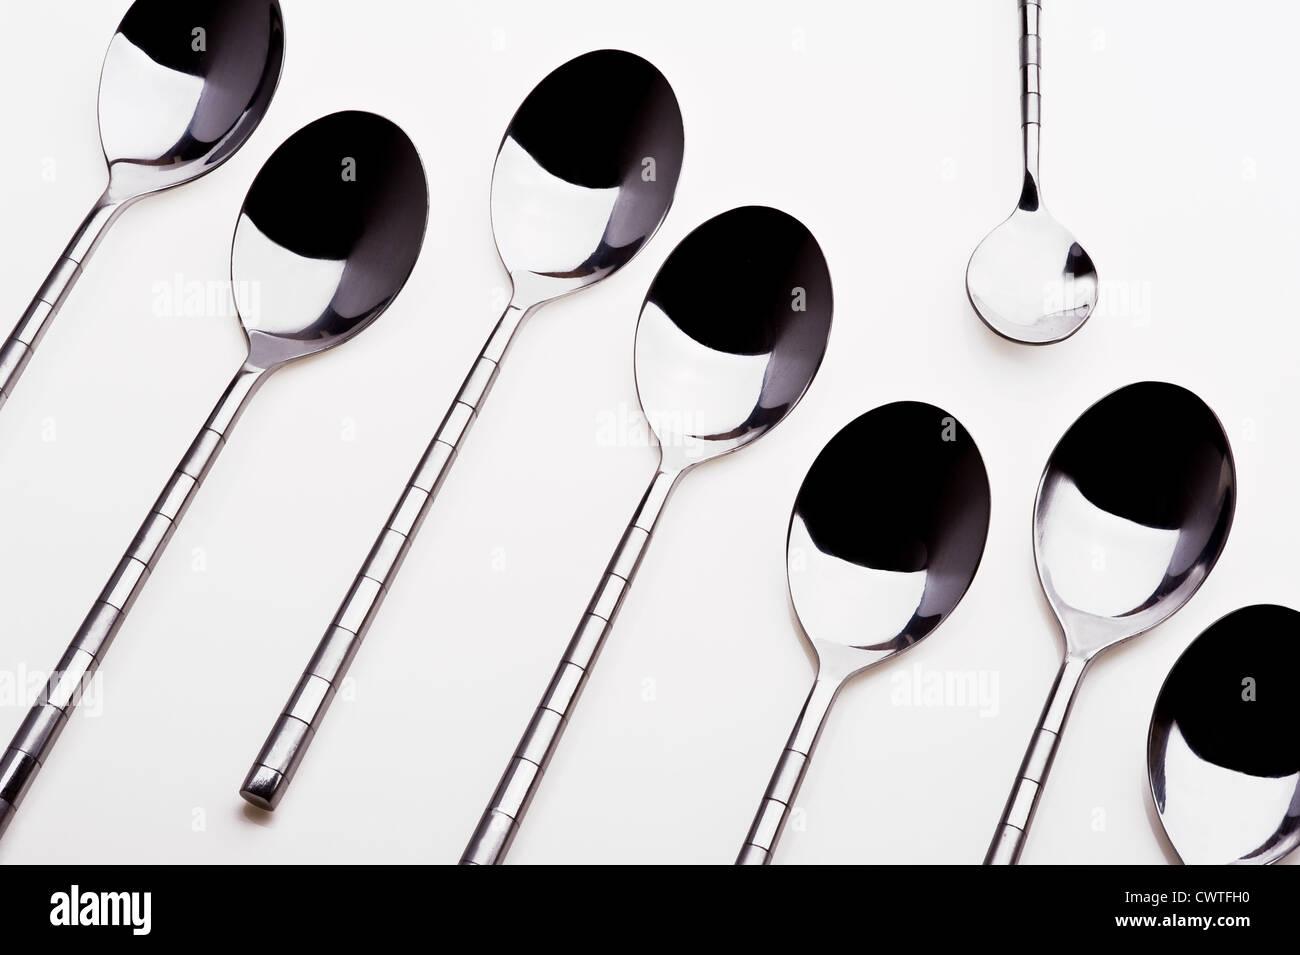 Groupe des cuillères à dessert avec une cuillère à café seul). Photo Stock